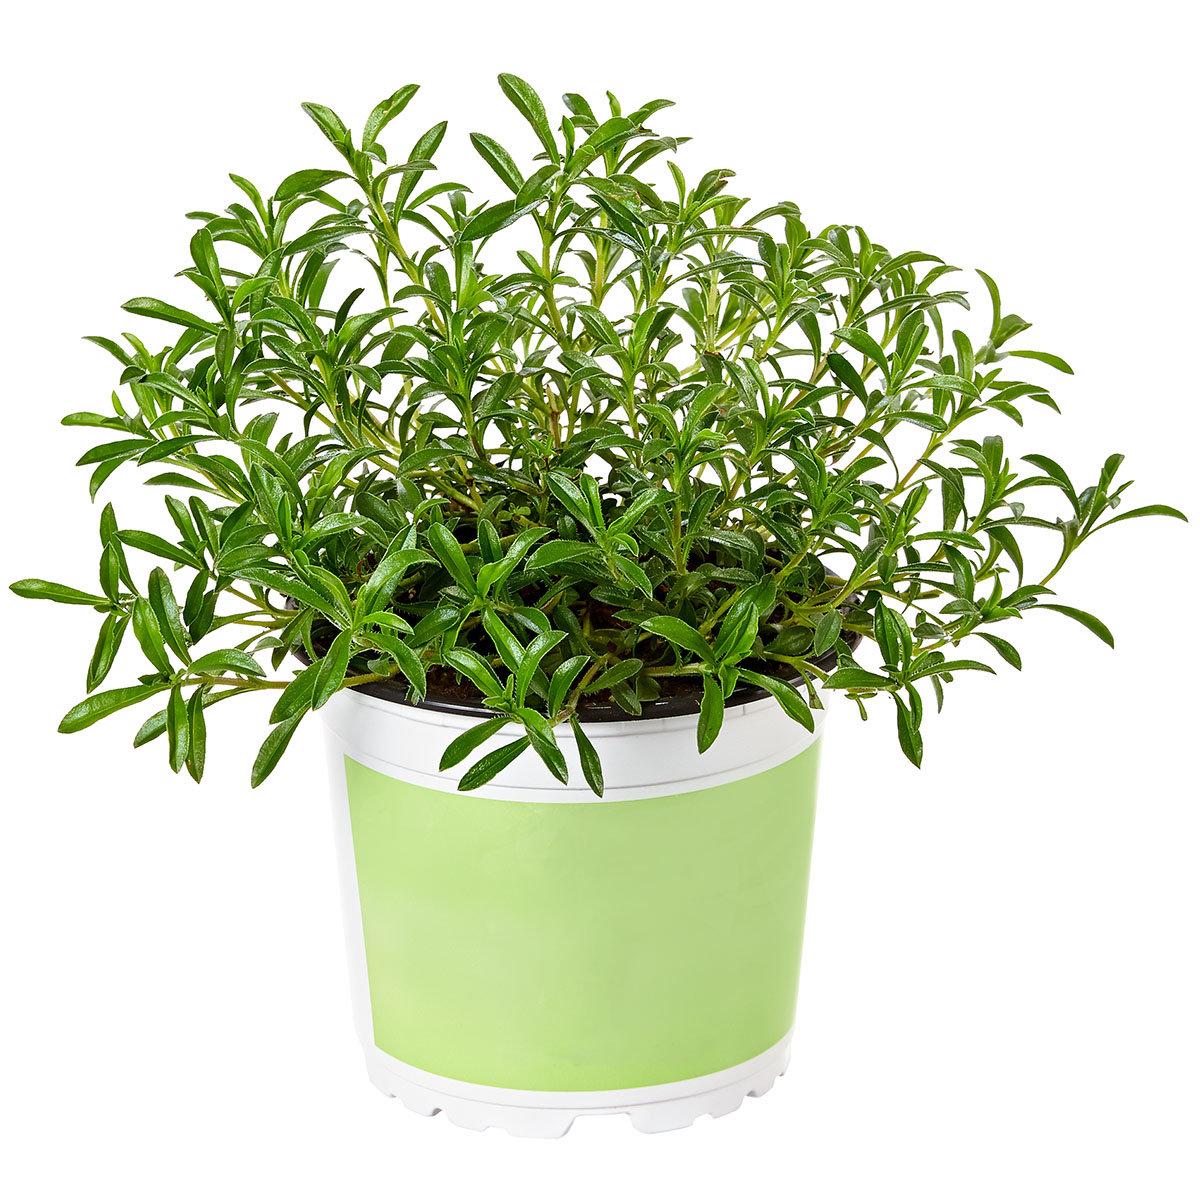 Kräuterpflanze Stauden-Bohnenkraut Bolero, im ca. 12 cm-Topf | #4